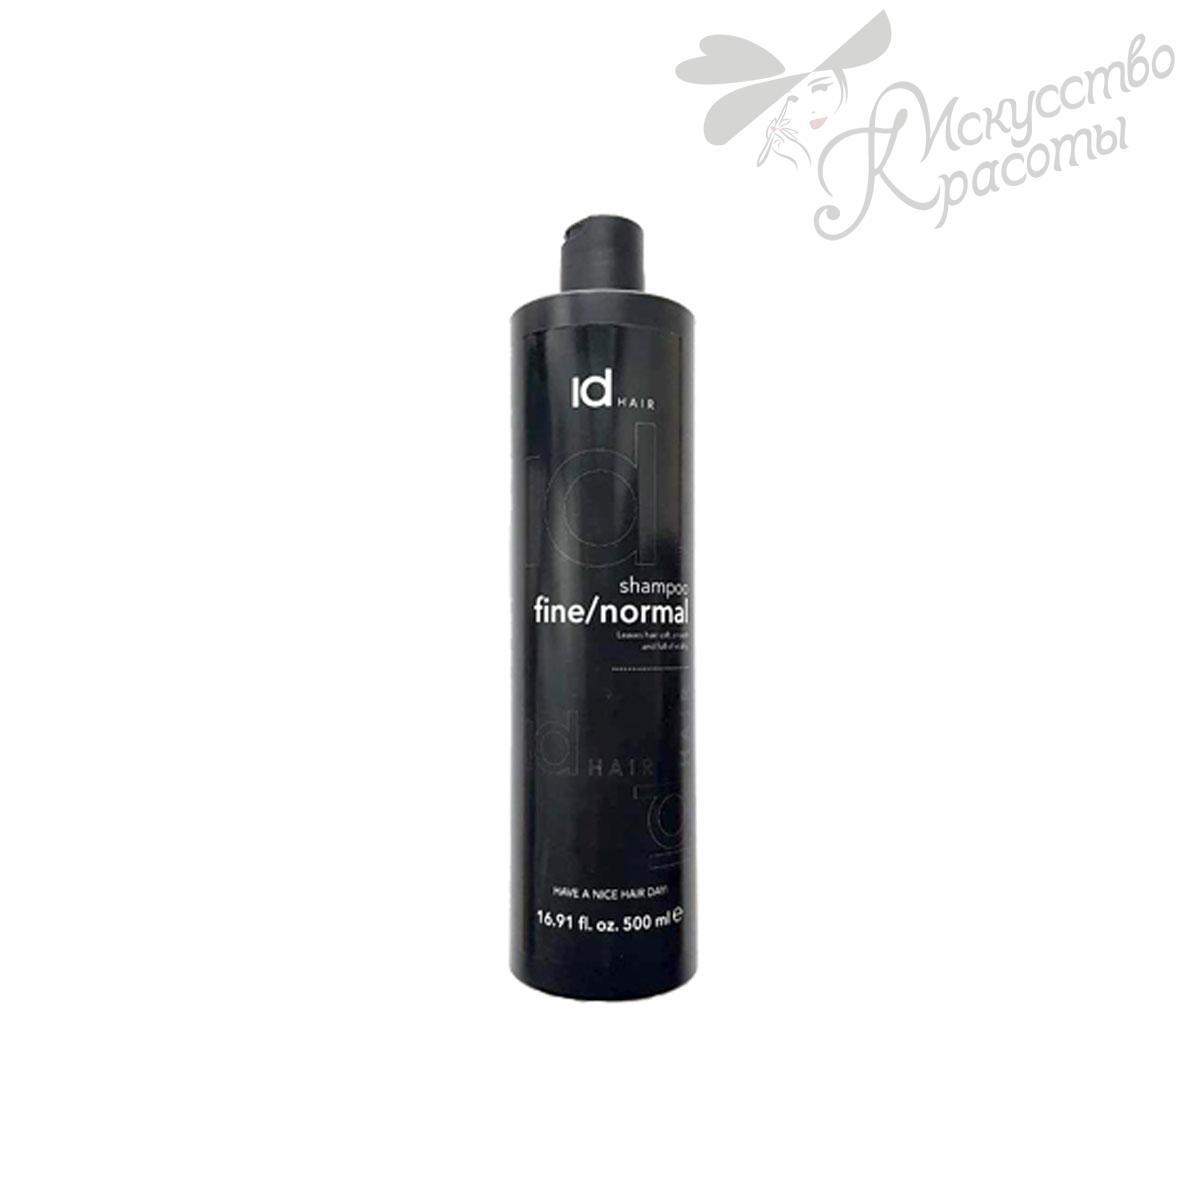 Шампунь для нормального типа волос ID Hair 500 мл